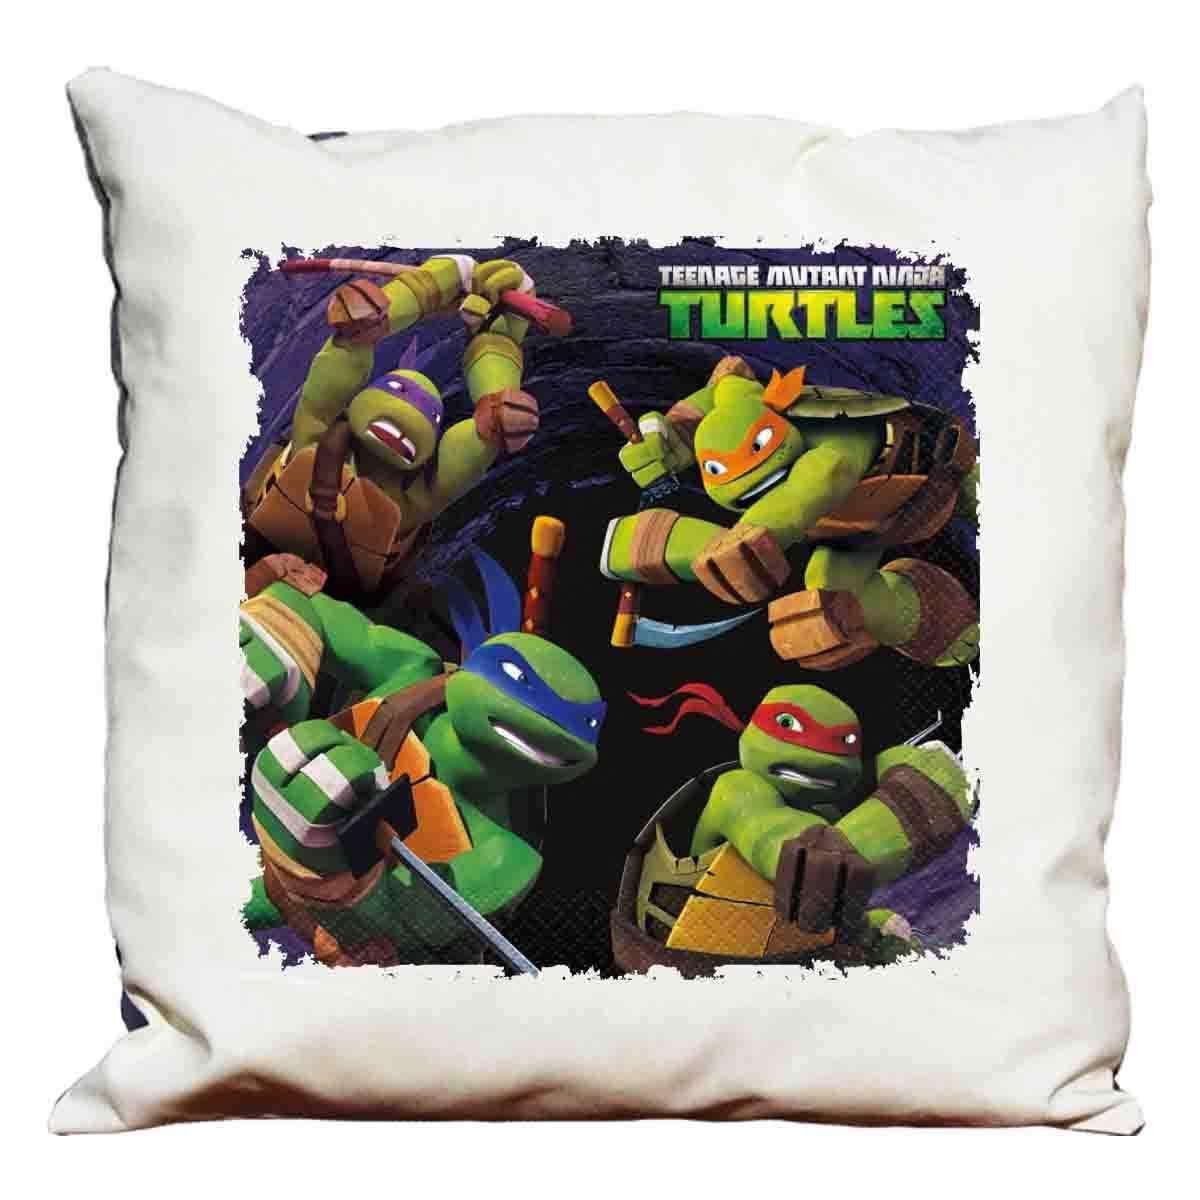 Cojín decorativo con diseño de Tortugas Ninja: Amazon.es: Hogar